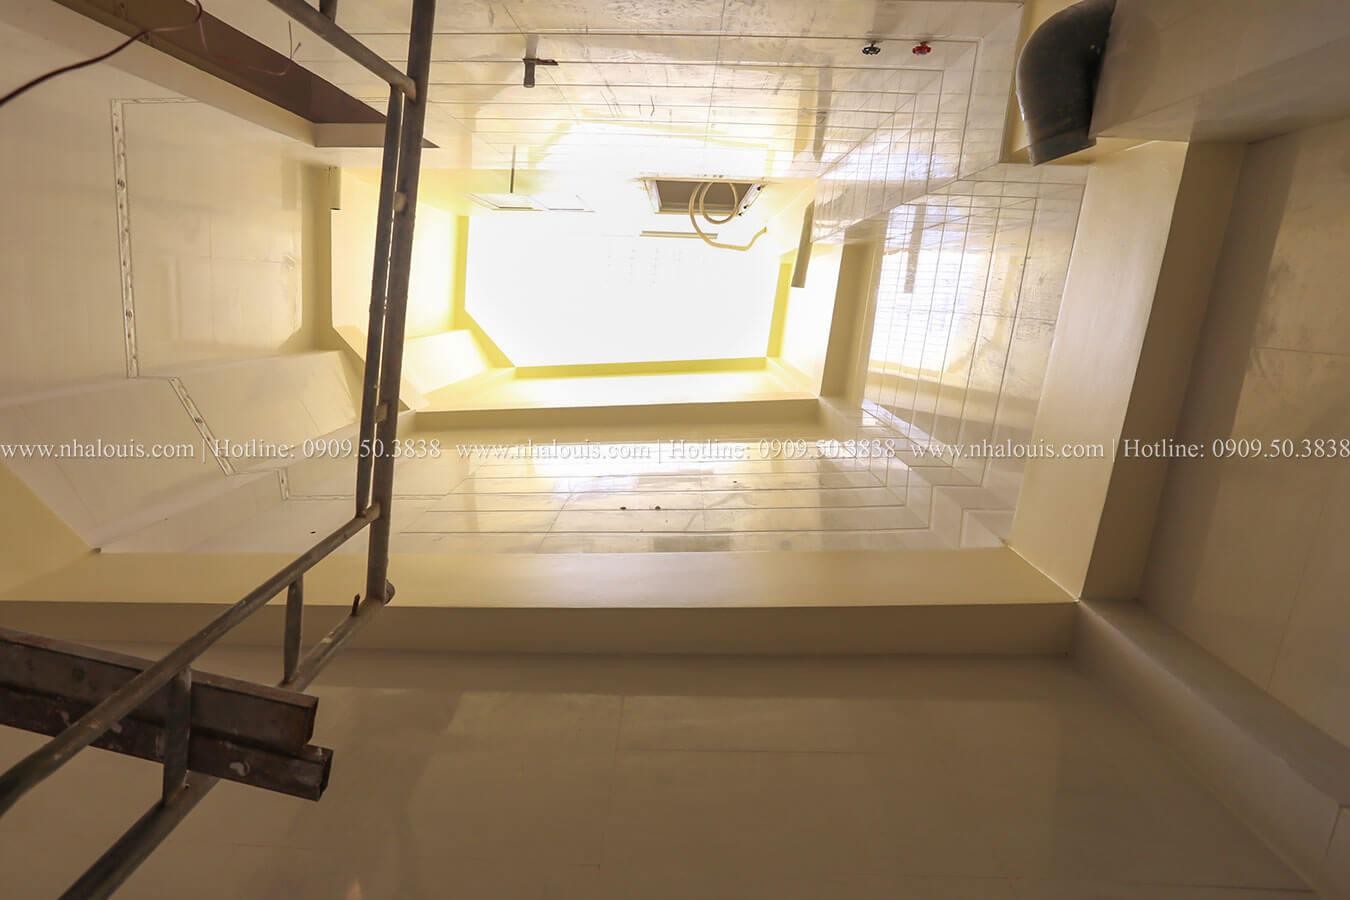 Thi công mẫu nhà phố 5 tầng hiện đại tại quận 6